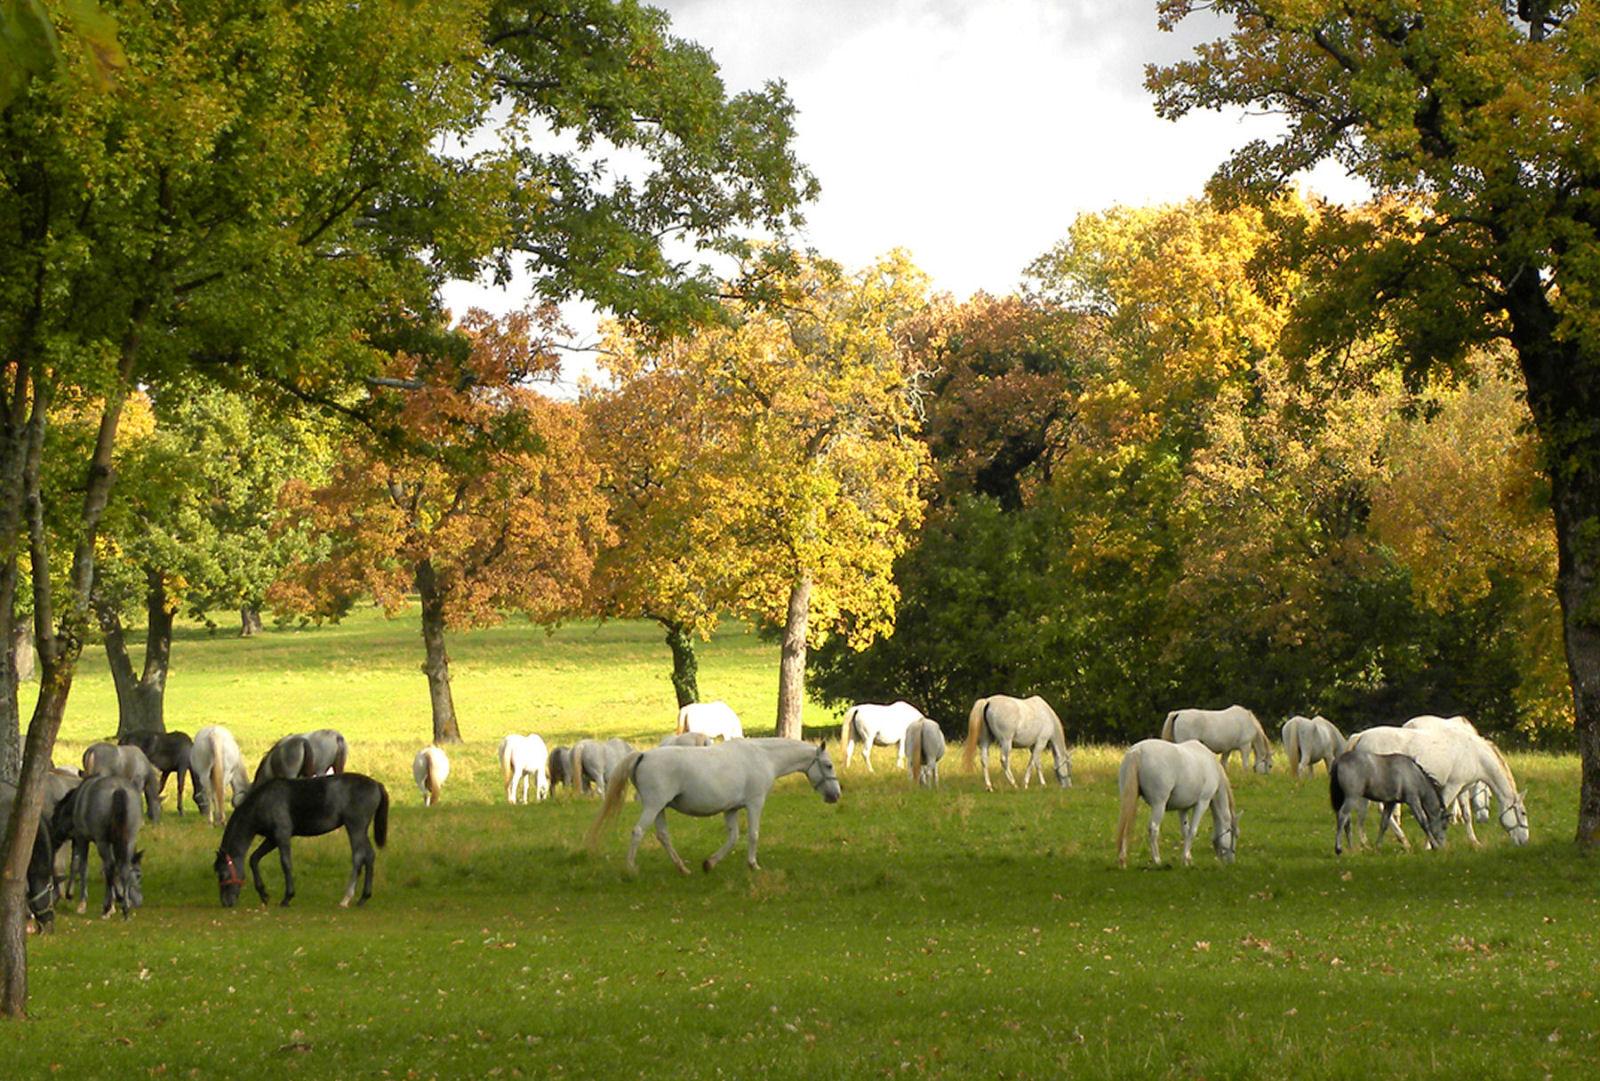 đàn ngựa ăn cỏ dưới rừng cây